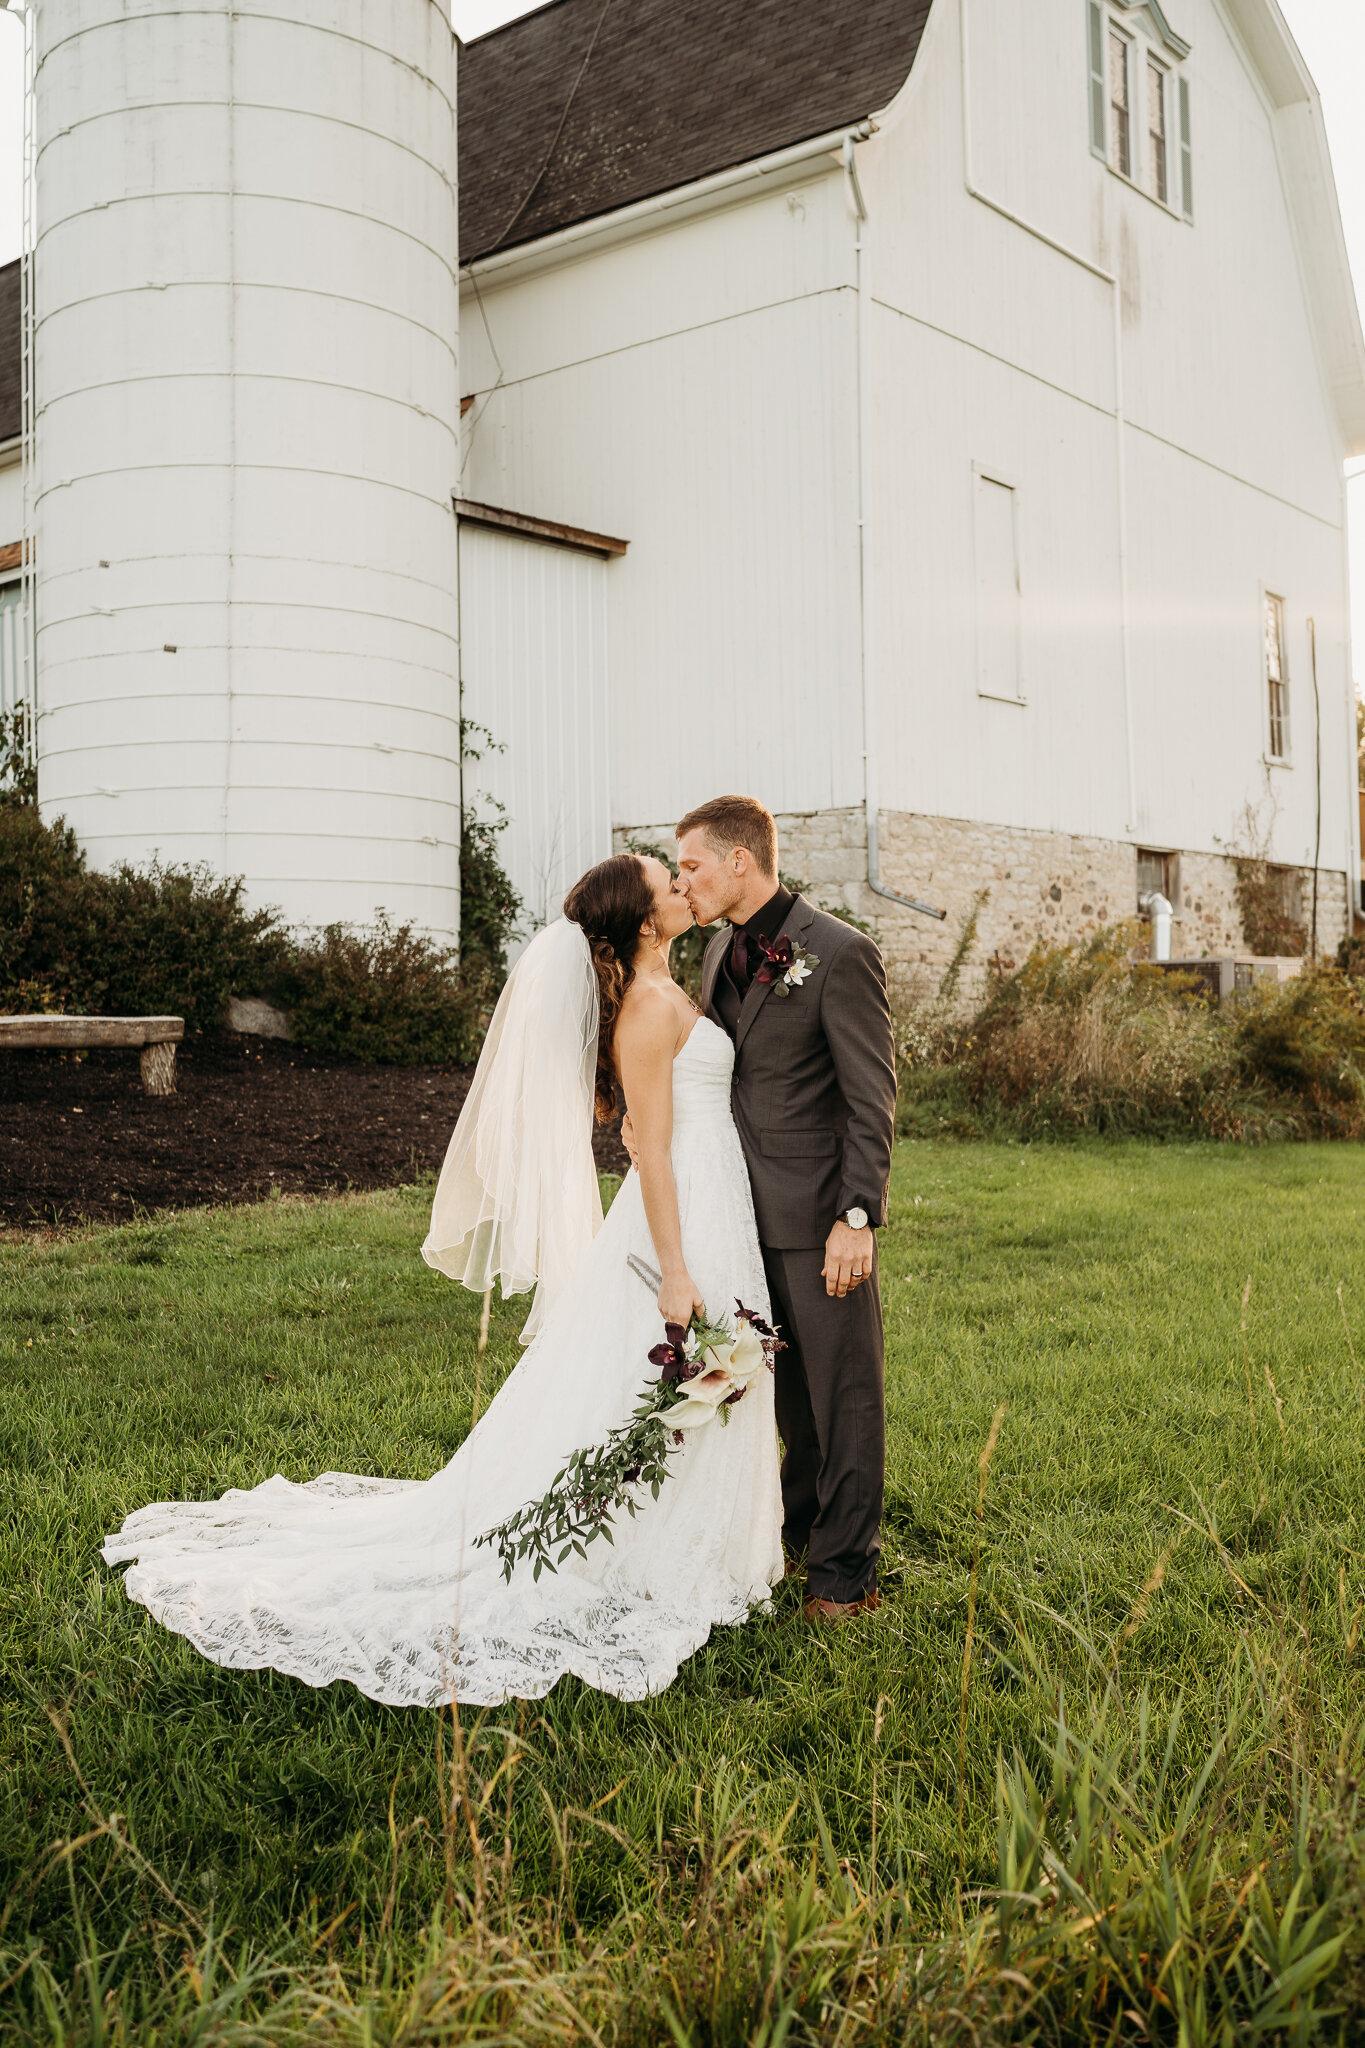 Amanda + Eric Wedding Cobblestone wedding barn -02129.jpg